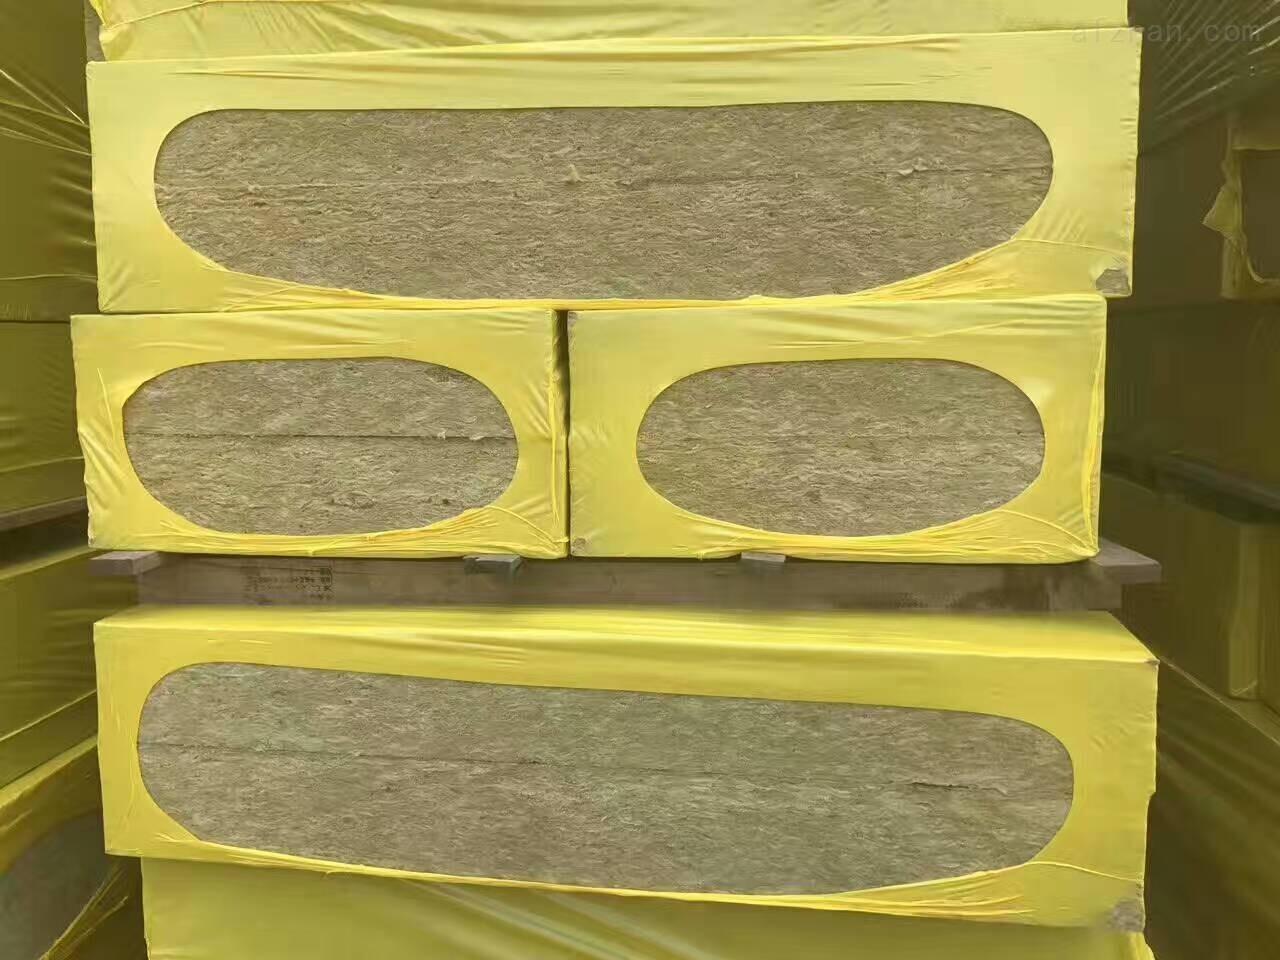 外墙保温用岩棉板多少钱一平方米